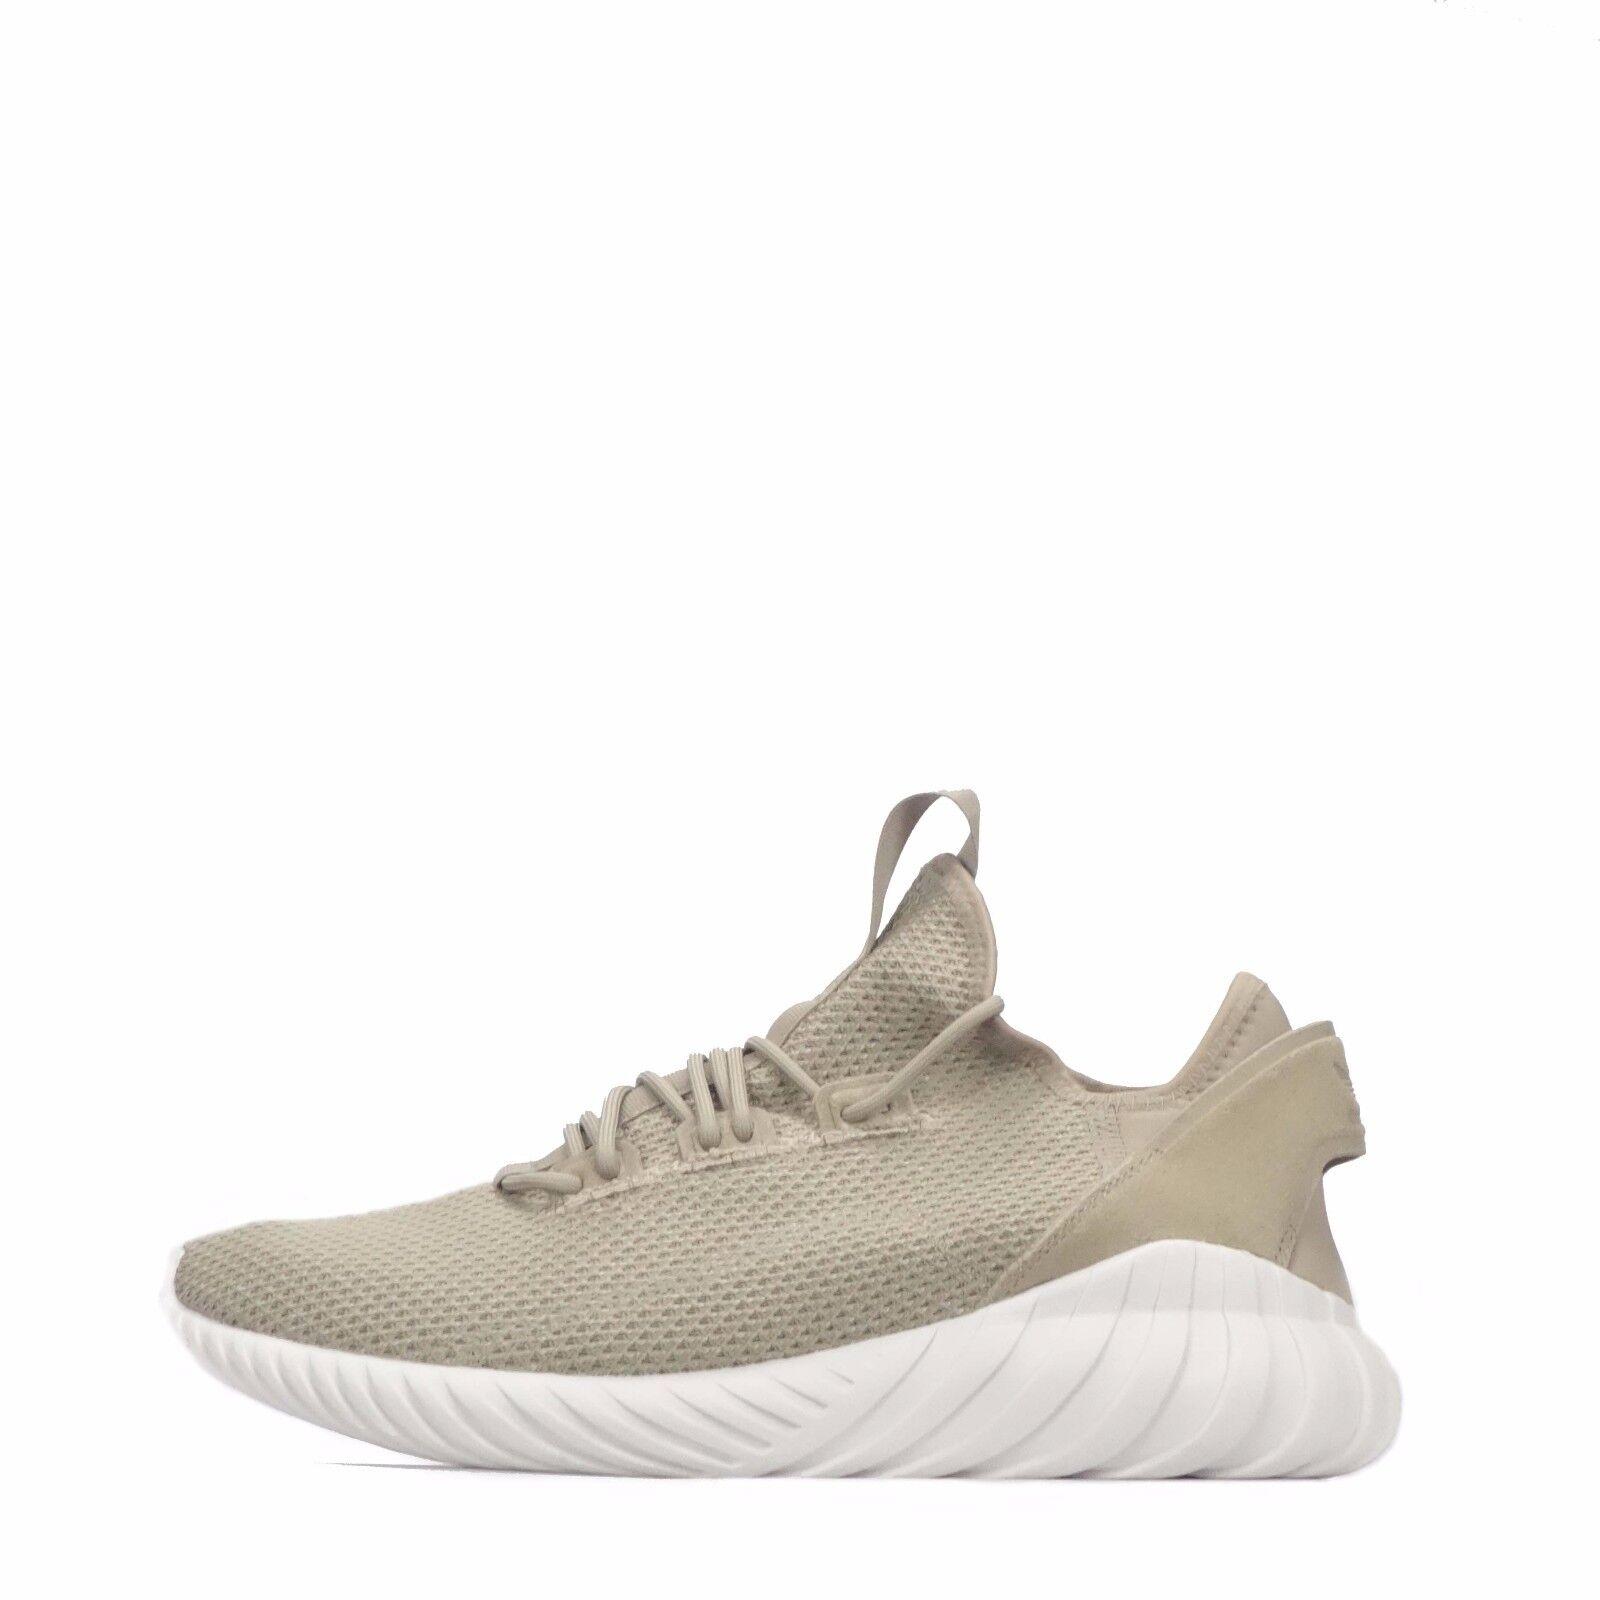 Adidas Originals Tubular Doom Calcetín Para Hombres Caqui/Blanco Zapatos  de Color Caqui/Blanco Hombres  .99 582474